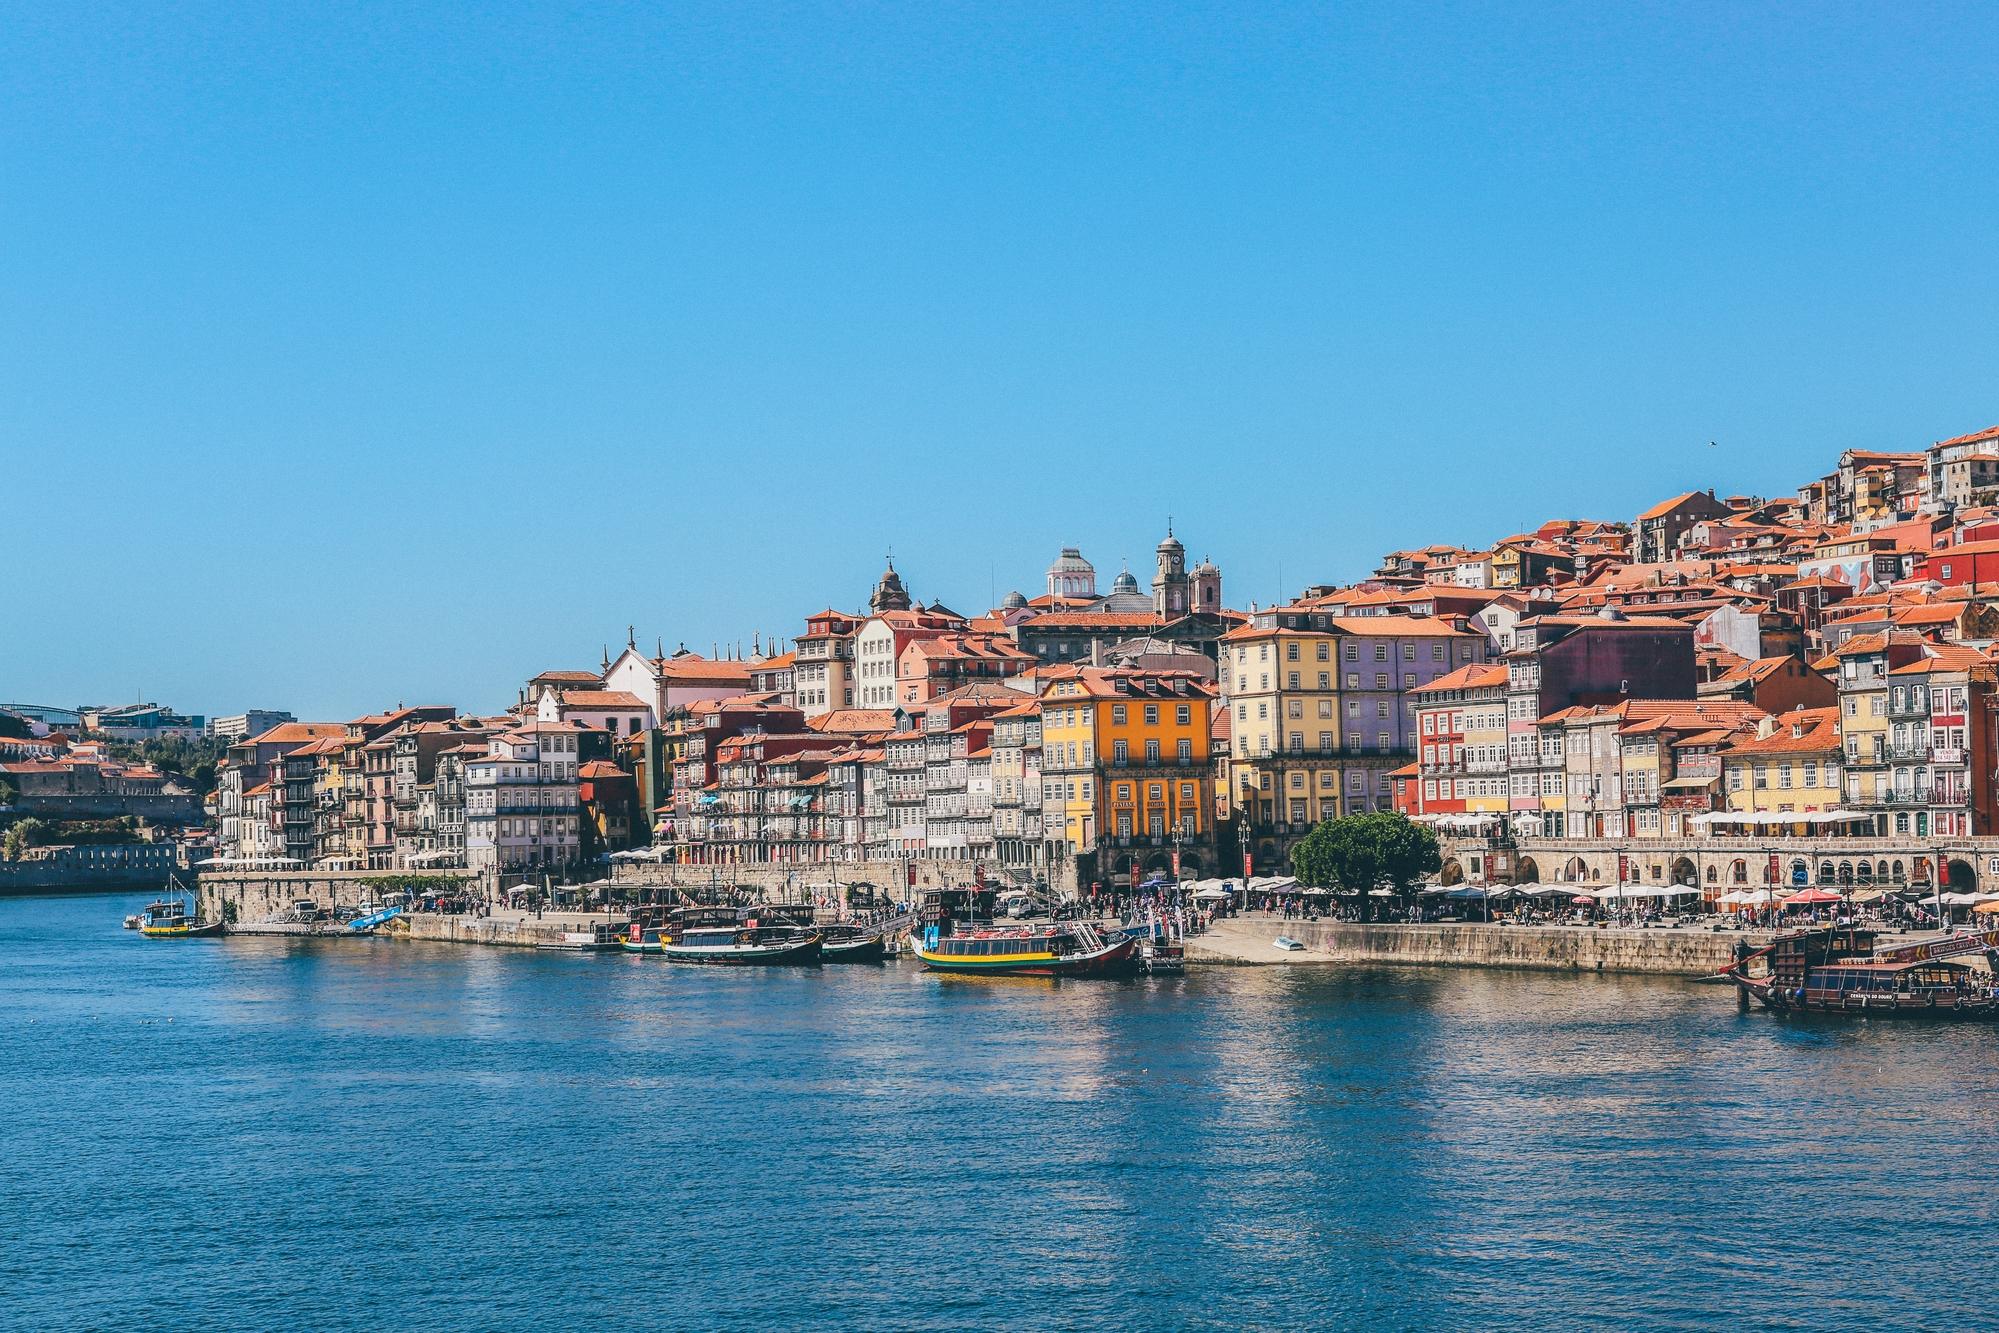 Pretende morar em Portugal? Então você precisa ler isso!